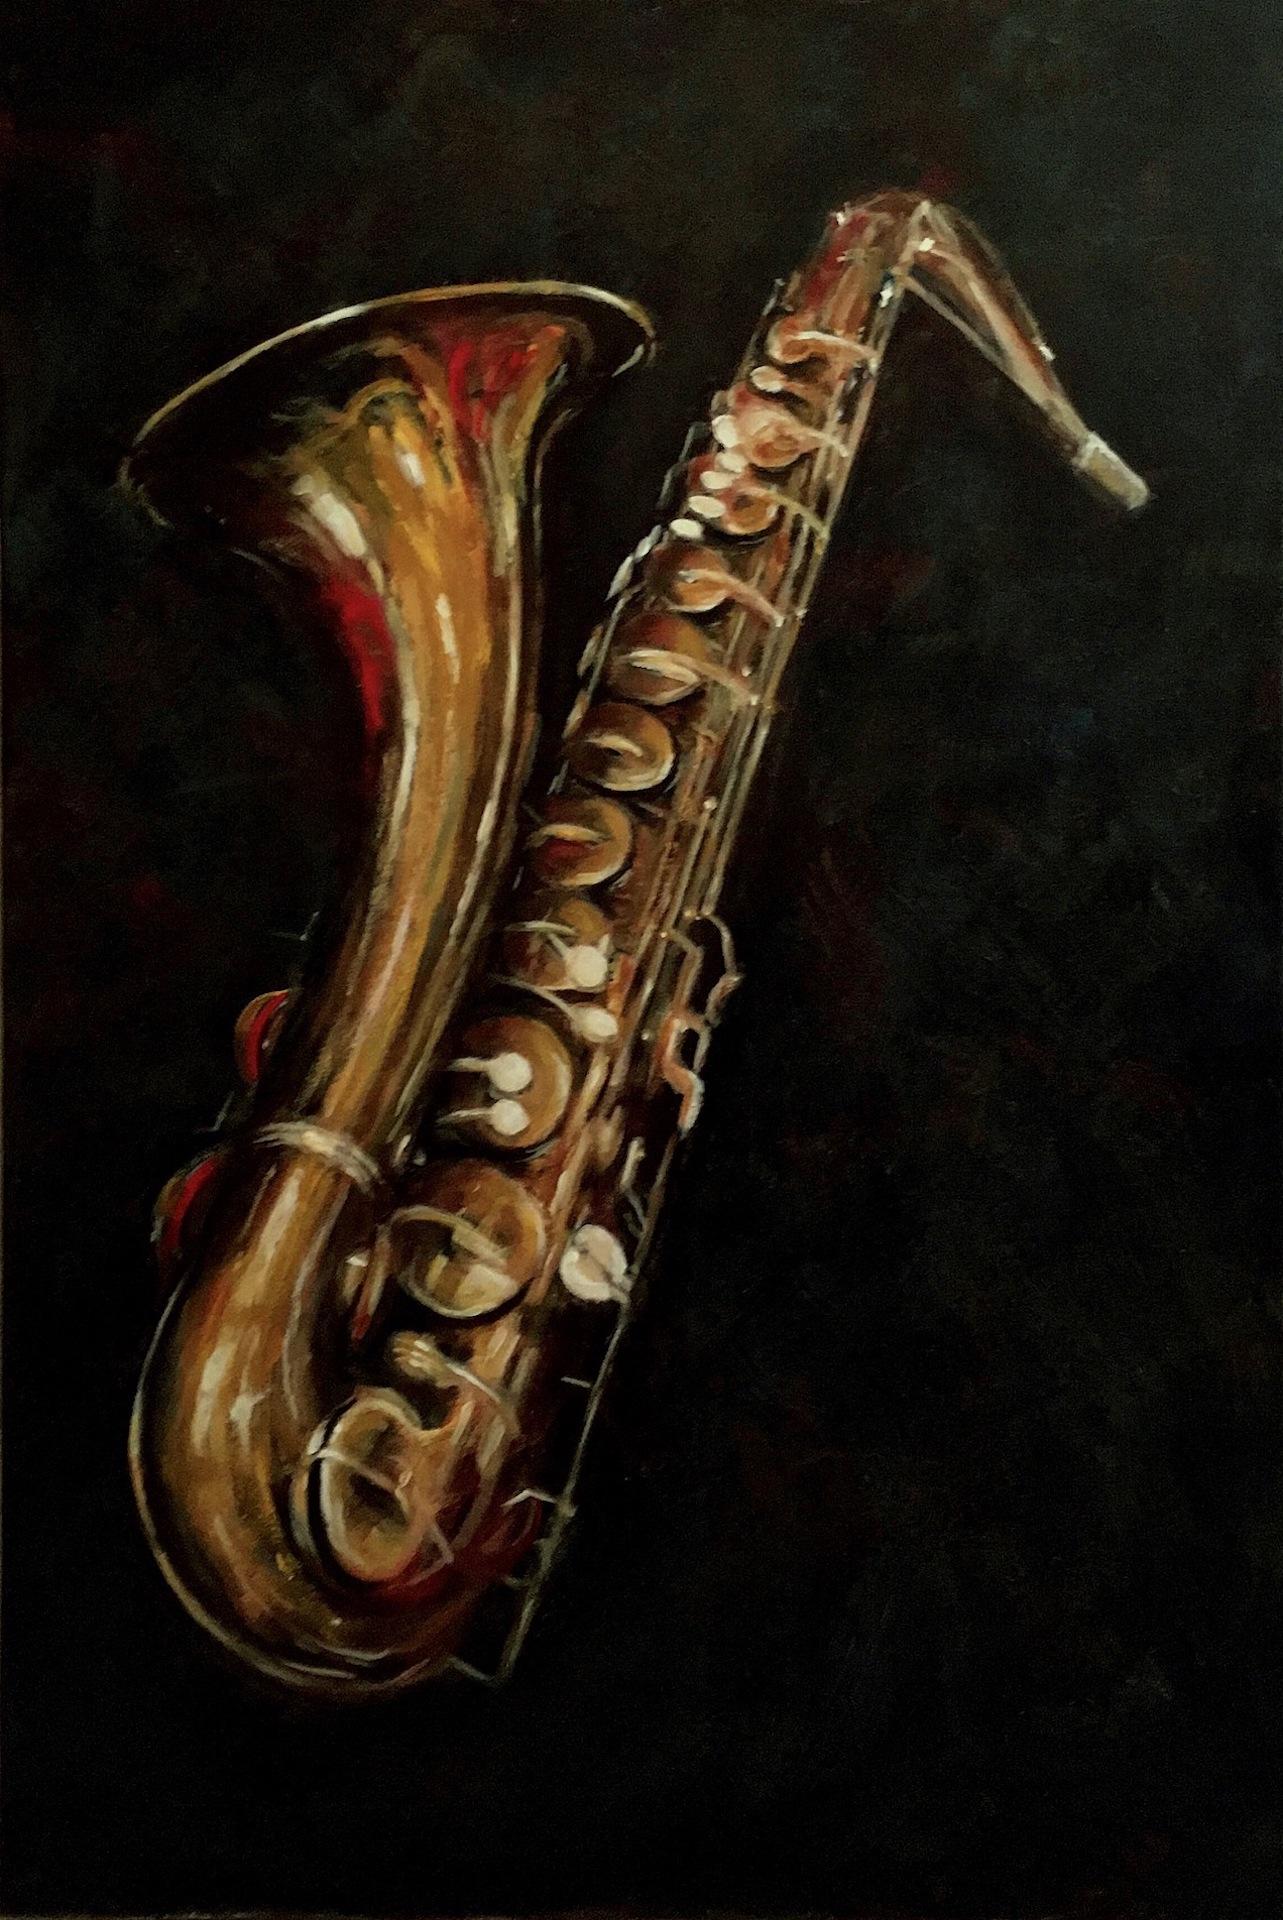 Moody's sax